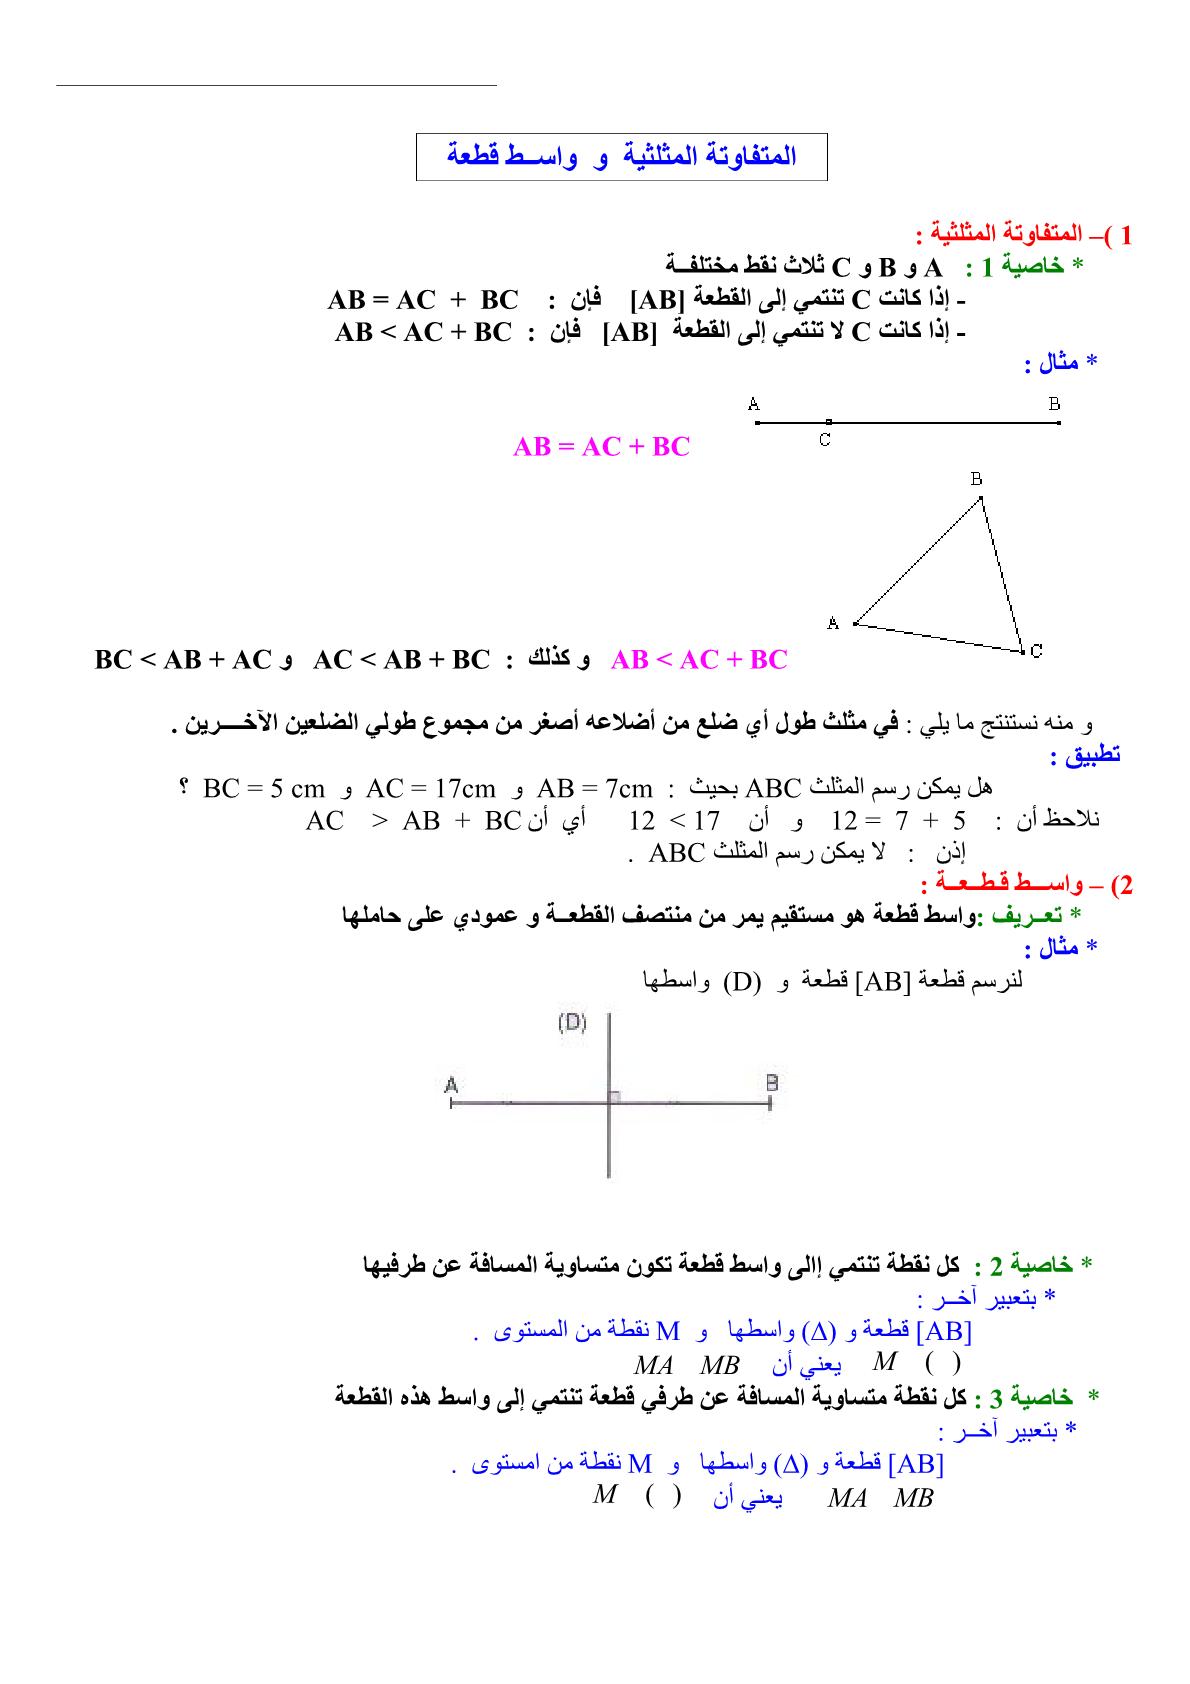 درس المتفاوتة المثلثية وواسط قطعة للمستوى الأولى إعدادي